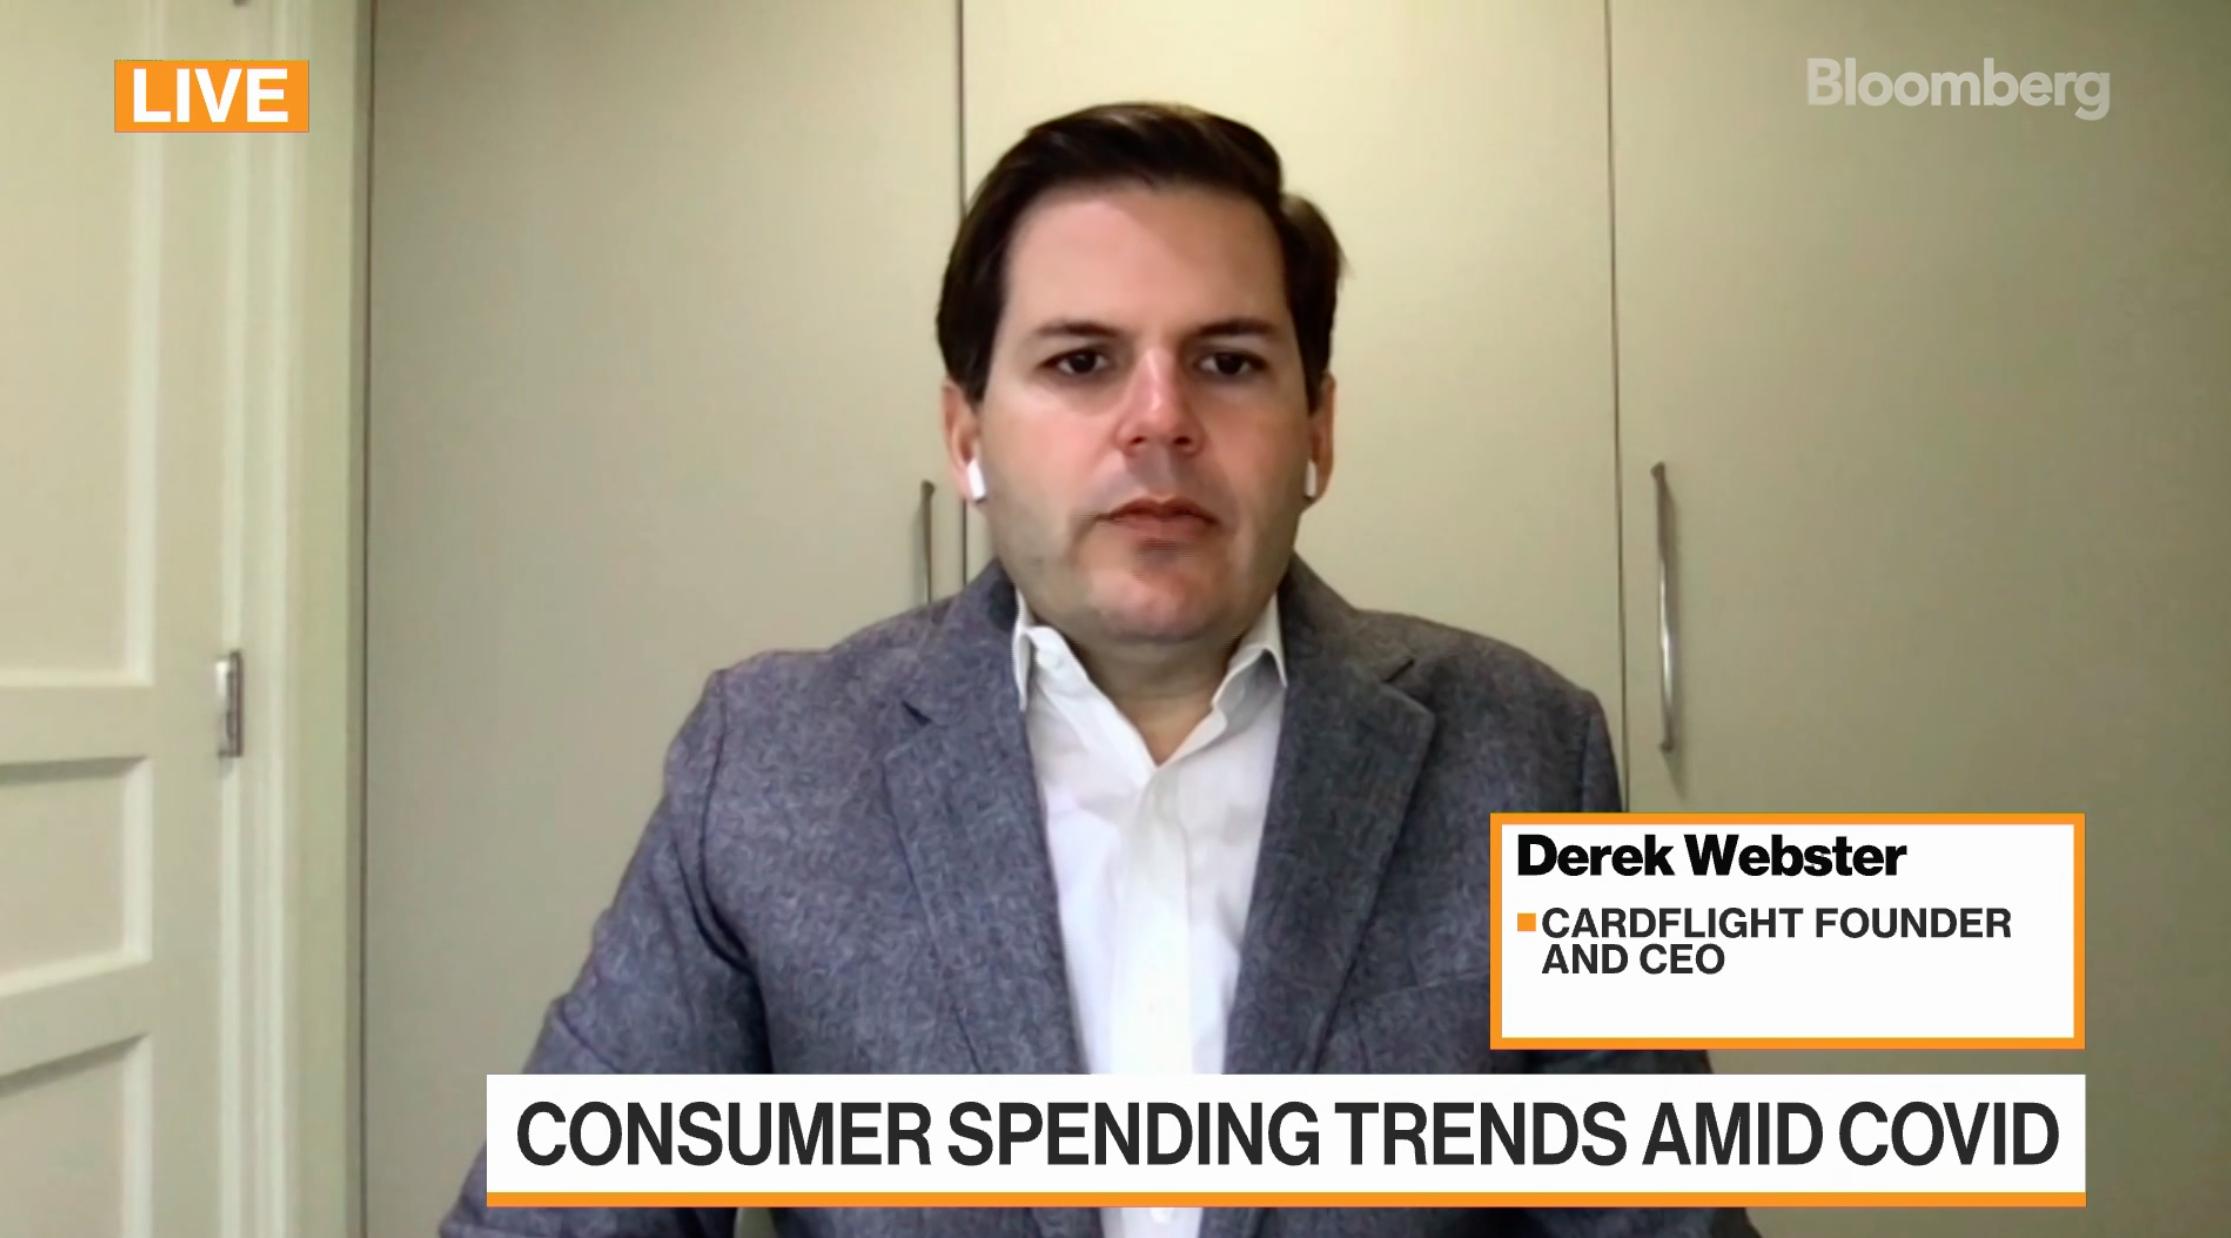 Derek Webster on Bloomberg TV